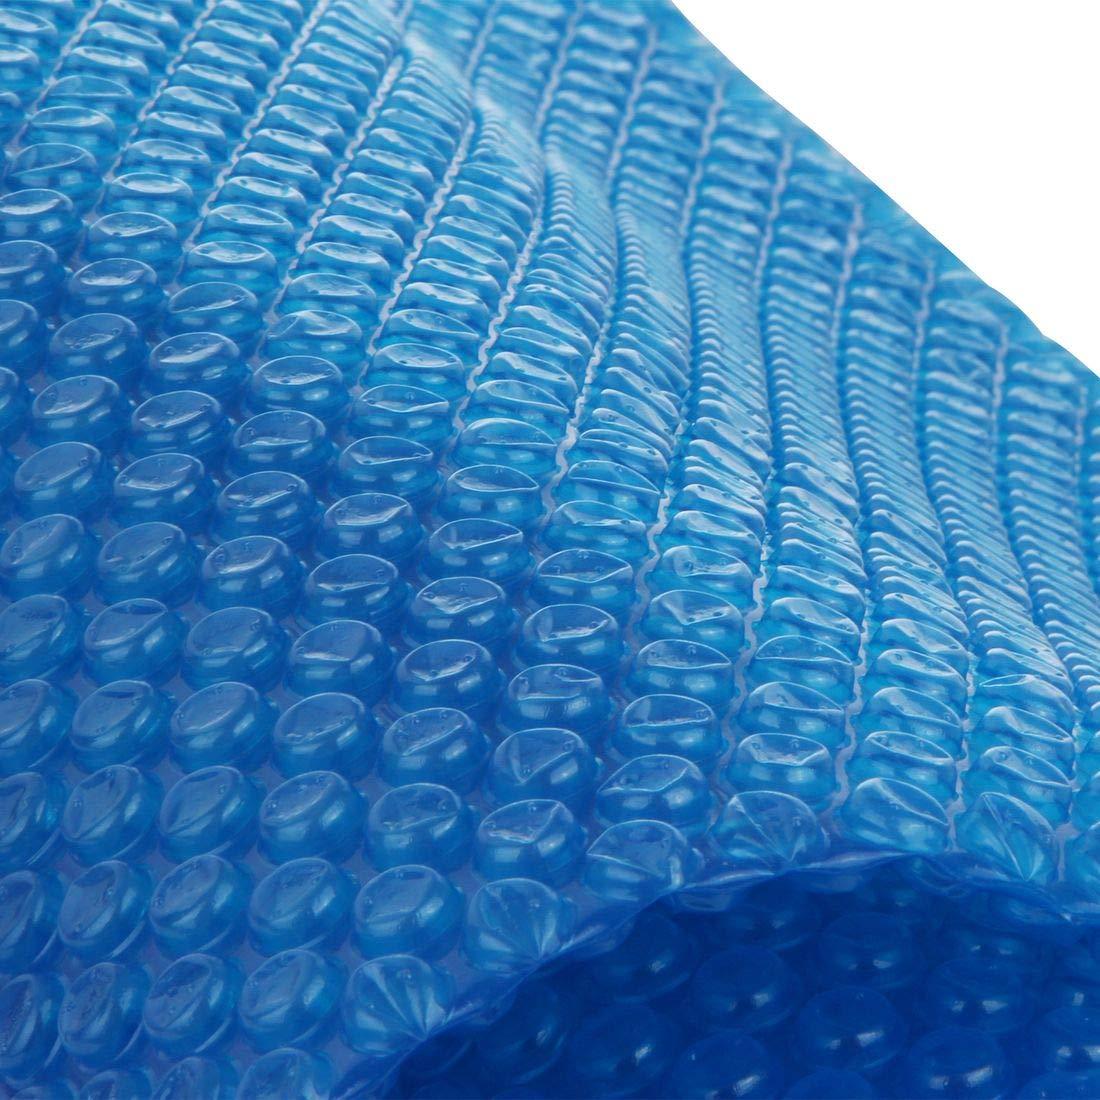 Blueborn Solarplane SC-3x2 rechteckige Solarabdeckung 300x200 cm 300 /µm dicke Solarfolie Poolheizung